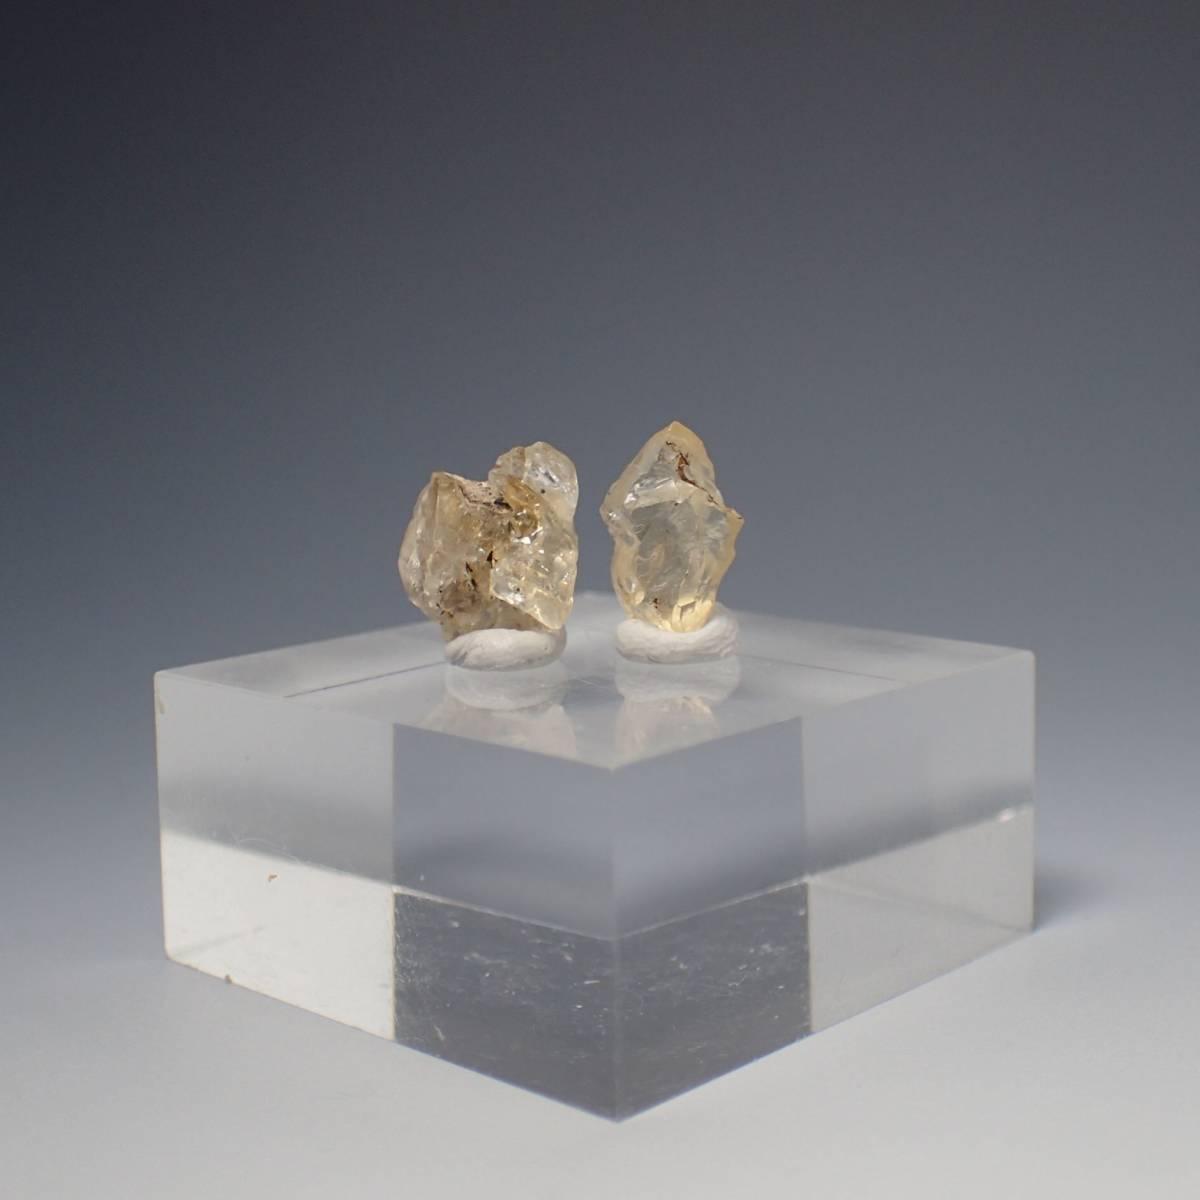 アメリカ合衆国 ユタ州 サンストーンノール産 サンストーン 計4.35ct 天然石 鉱物標本 長石 ラブラドライト パワーストーン_画像3